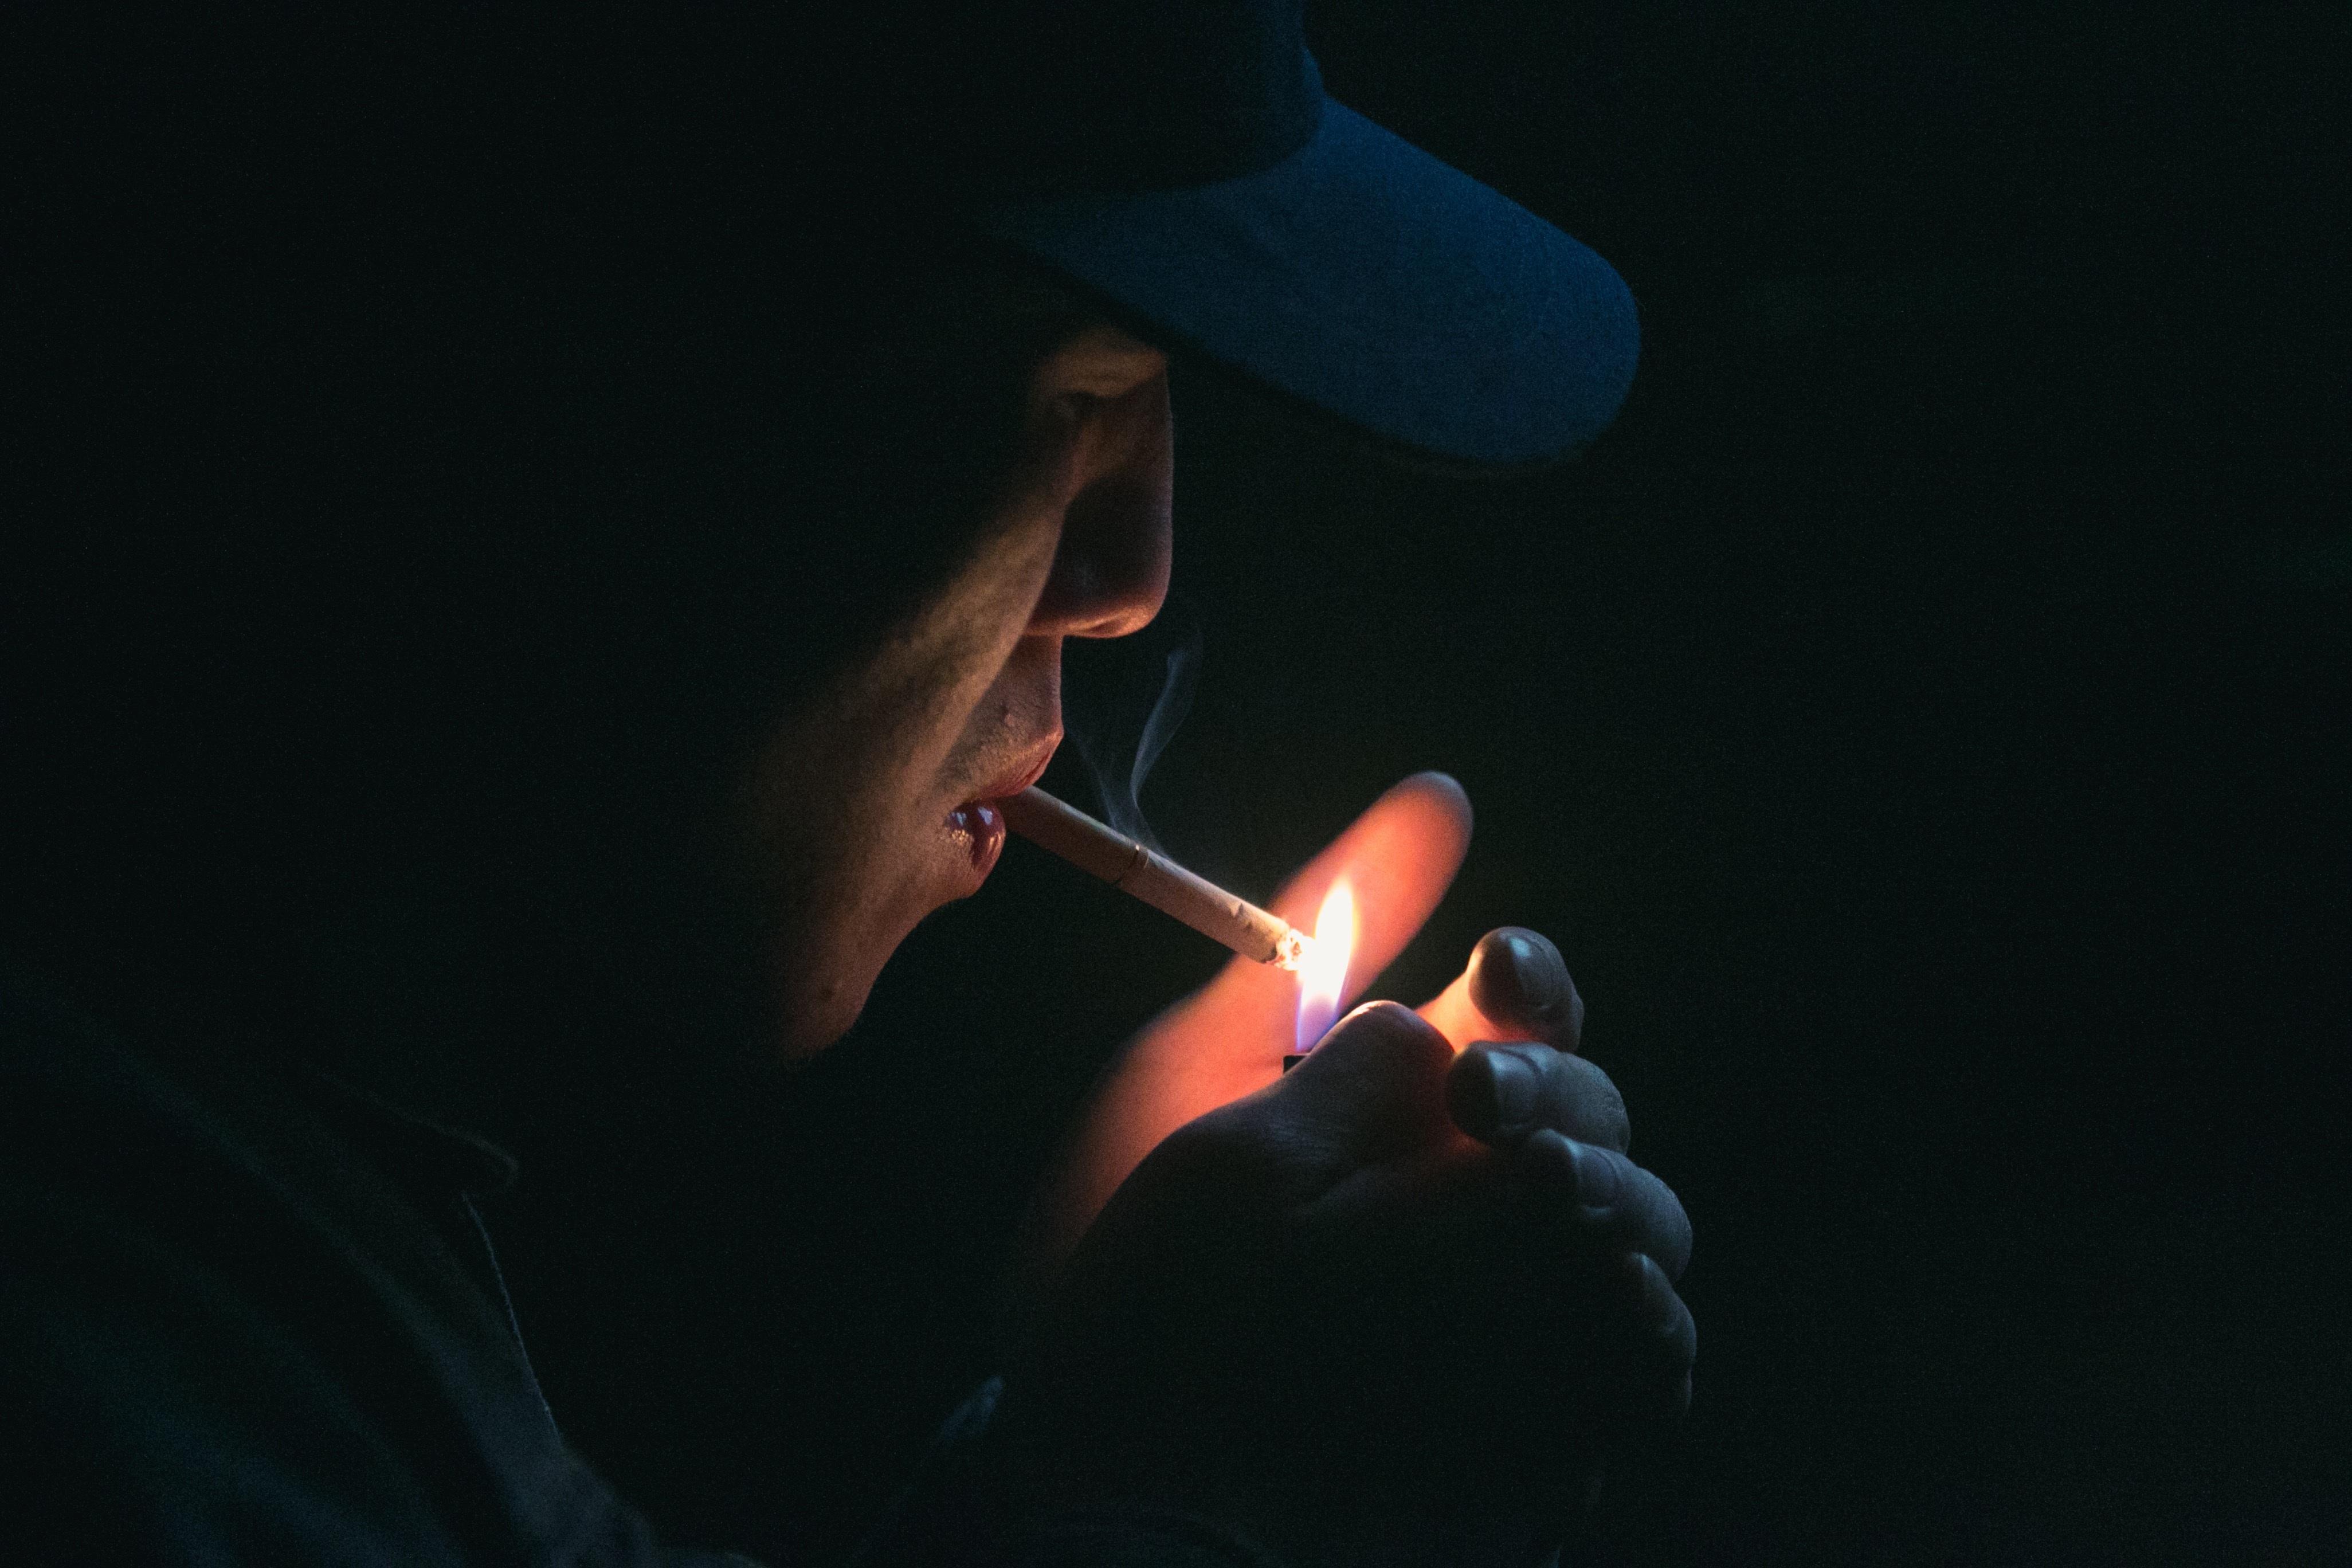 Картинка сигарета во тьме